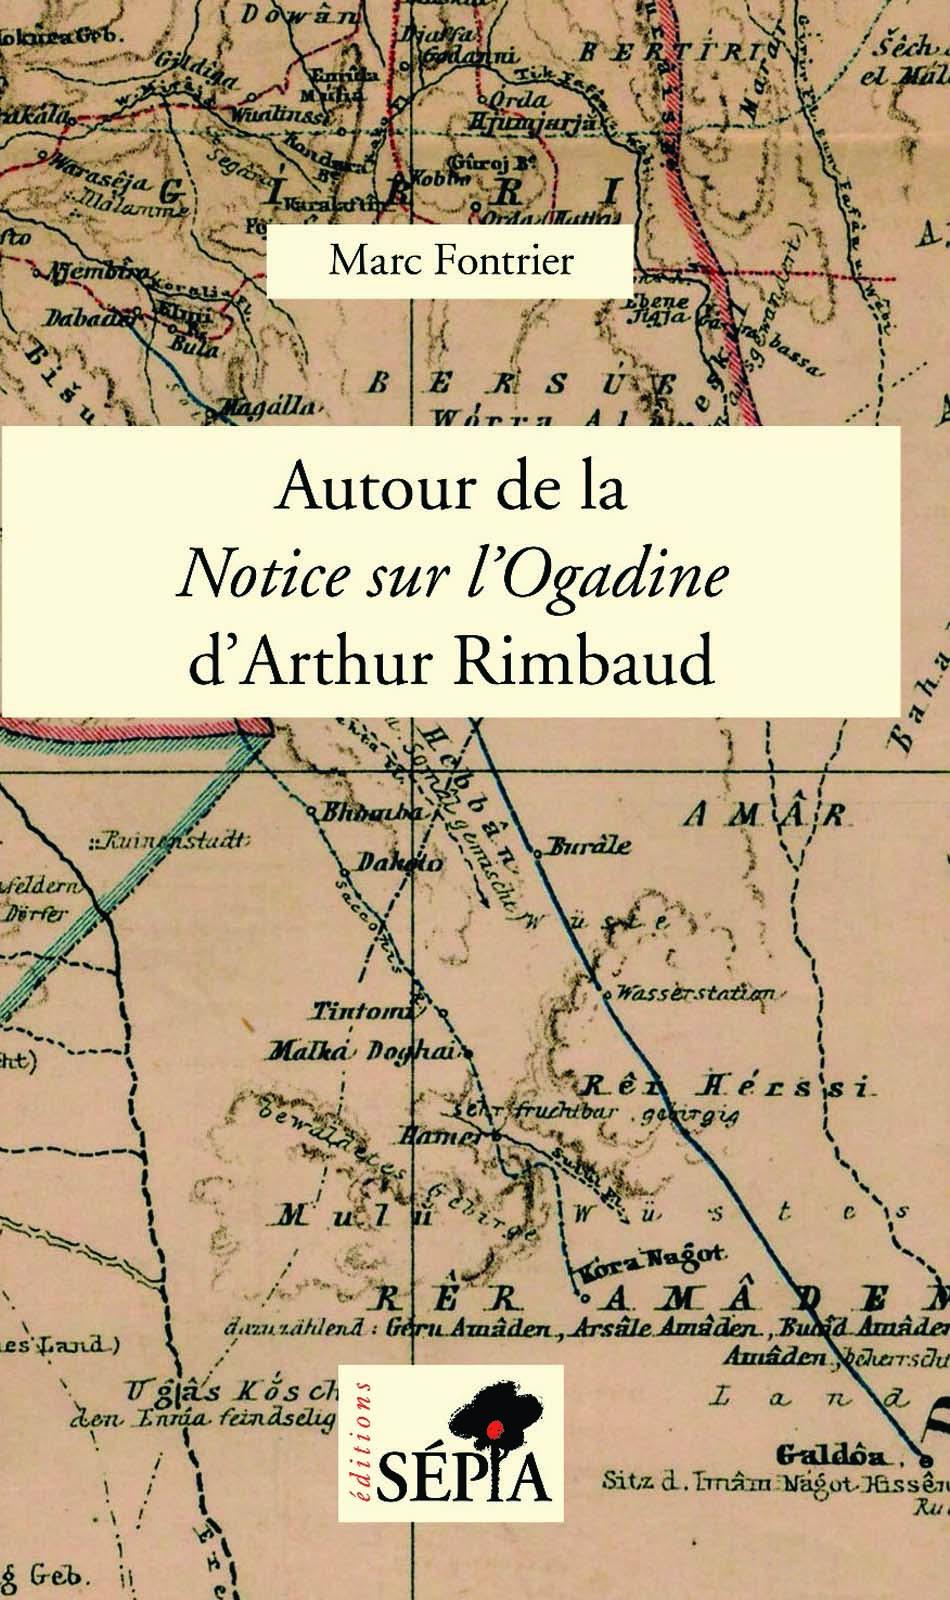 M. Fontrier, Autour de la Notice sur l'Ogadine d'Arthur Rimbaud